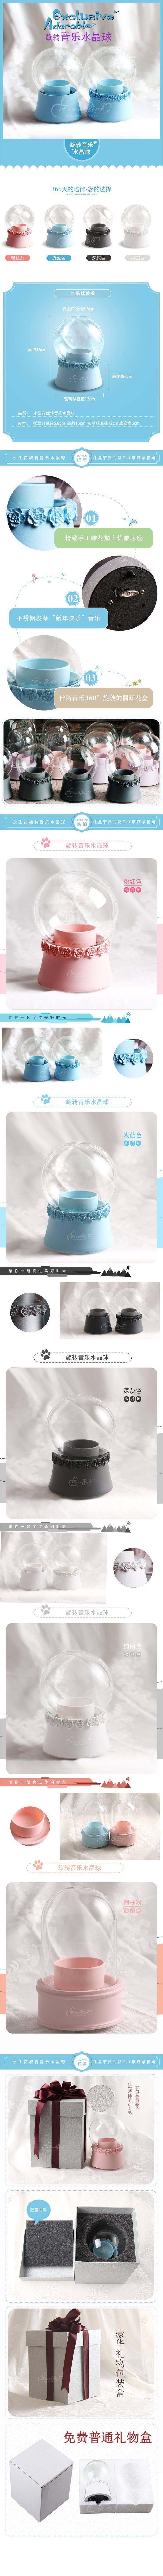 подарок на день рождения день Свободный кристалл перевозкы груза шарика коробки нот нот увековечены цветок цветок DIY Рождество и Новый год Валентина - Глобальная станция Taobao